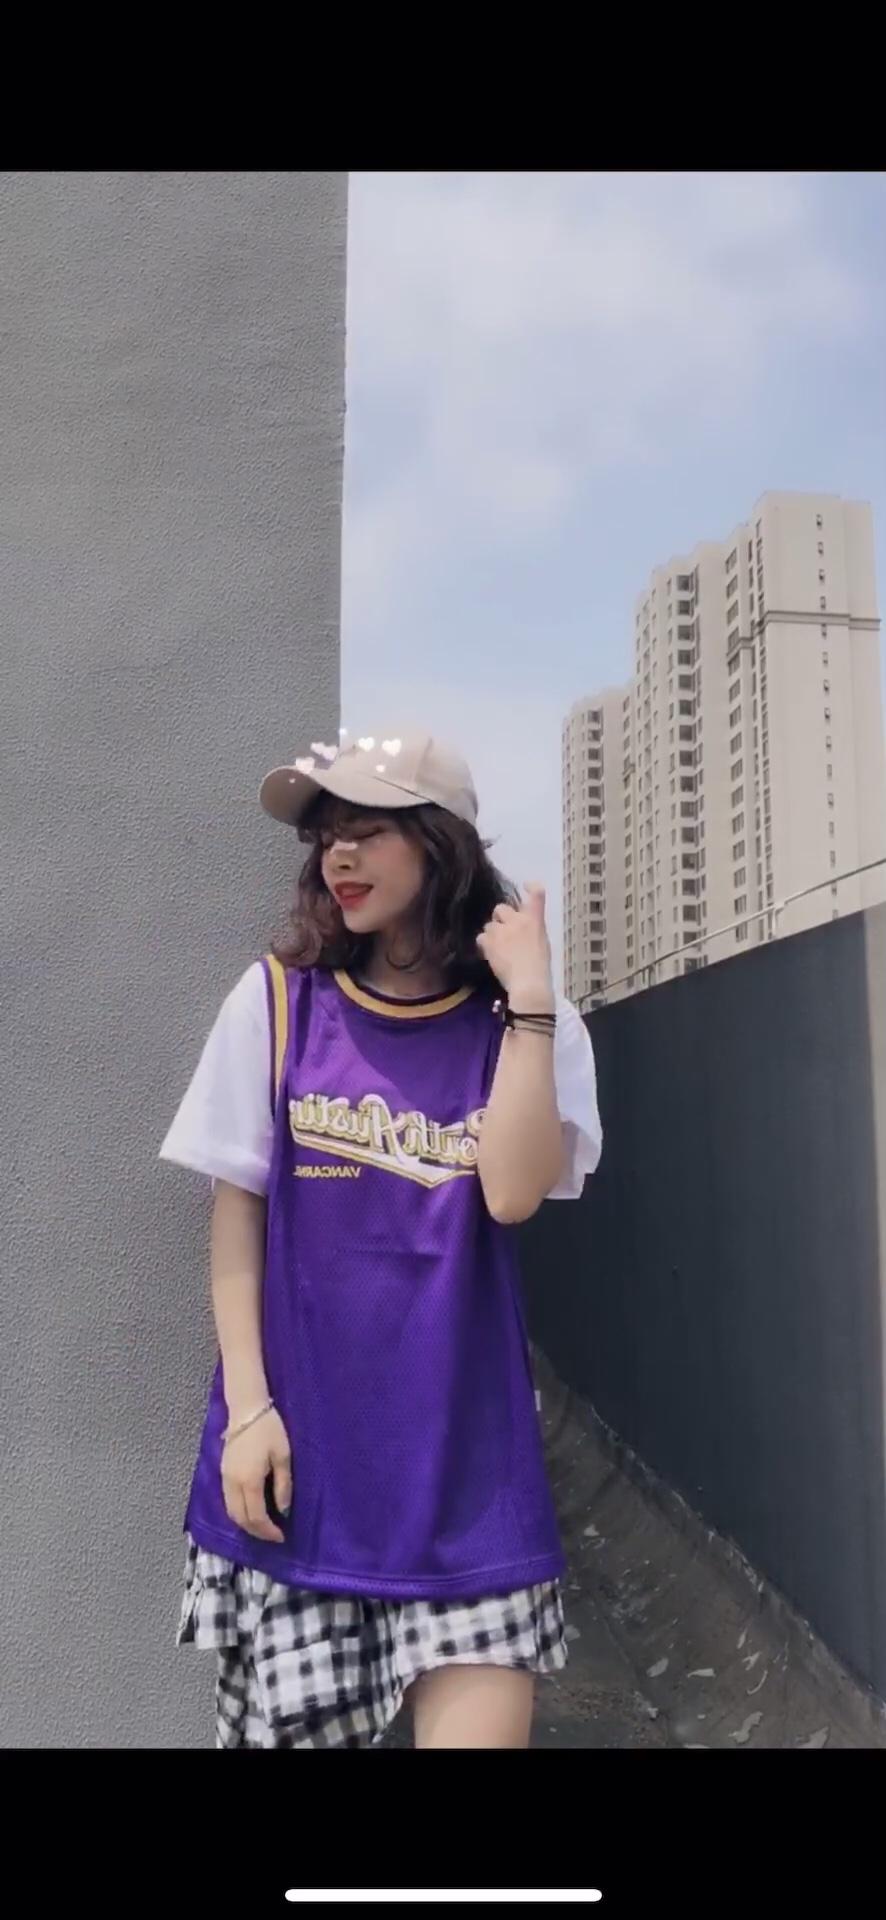 #分享T恤的100种穿法# 嗨 🌽🌽米饭的穿搭来了 今天的手势舞喜欢吗 喜欢的话再来哈哈哈